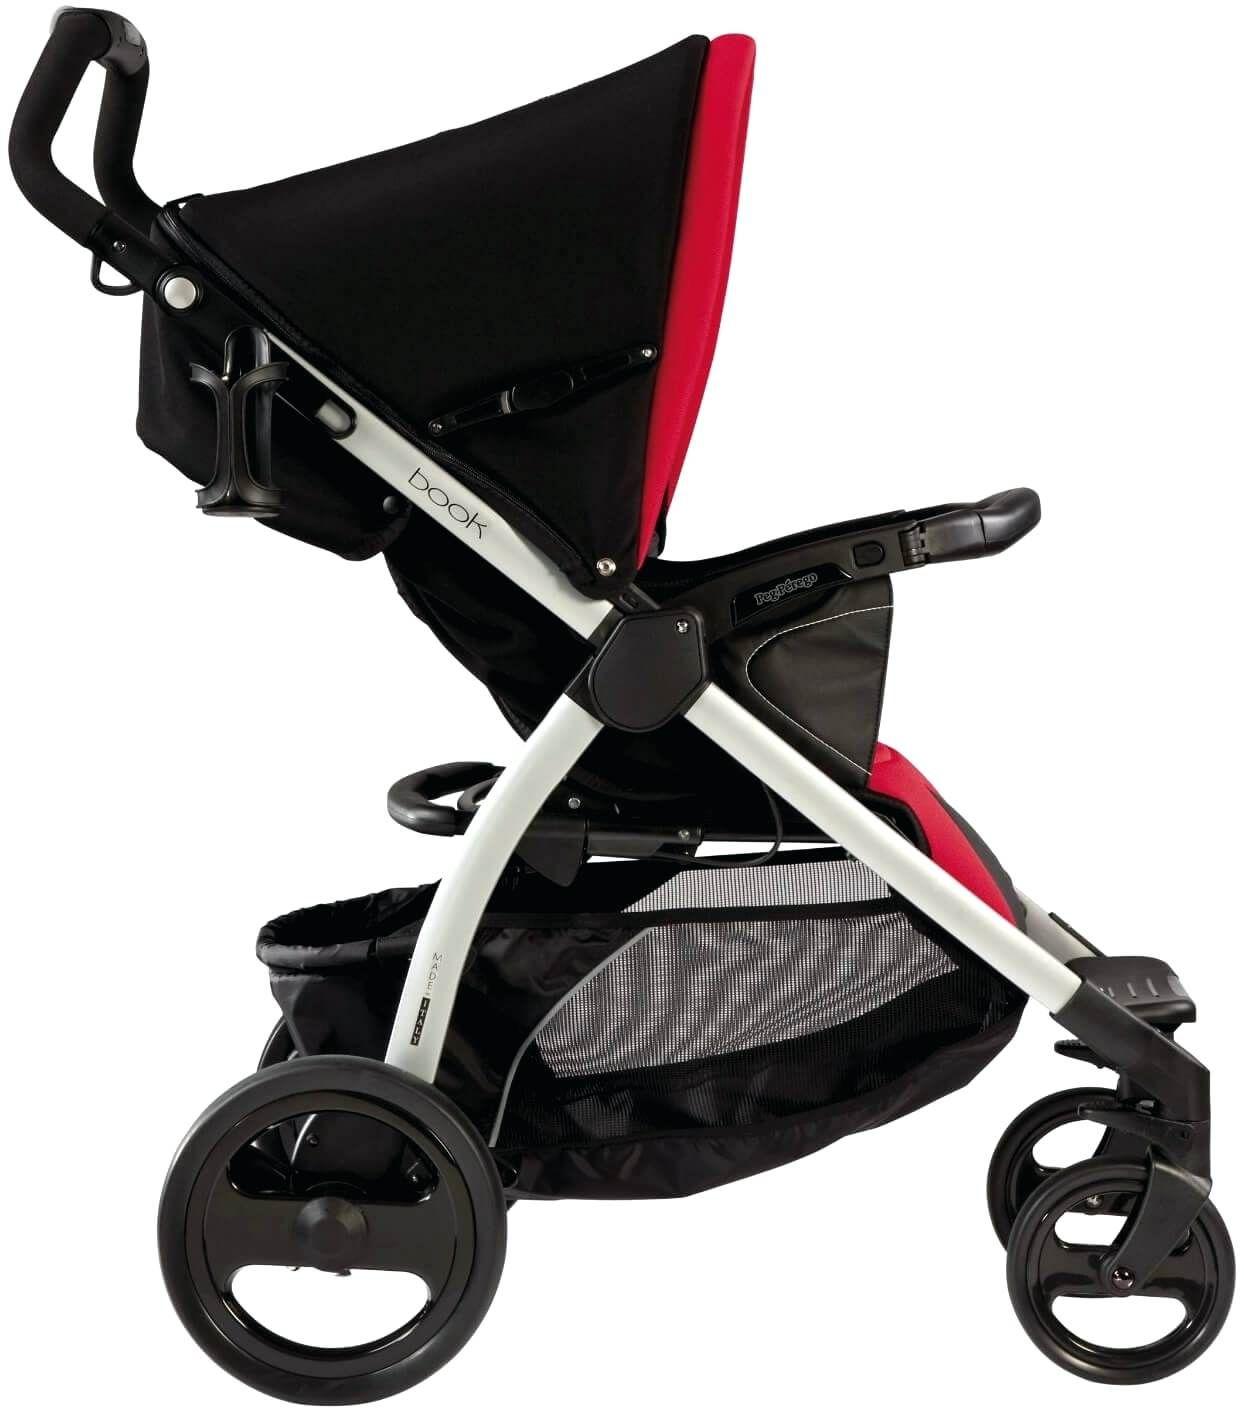 peg perego kinderwagen kinderwagen kinderwagen modelle. Black Bedroom Furniture Sets. Home Design Ideas